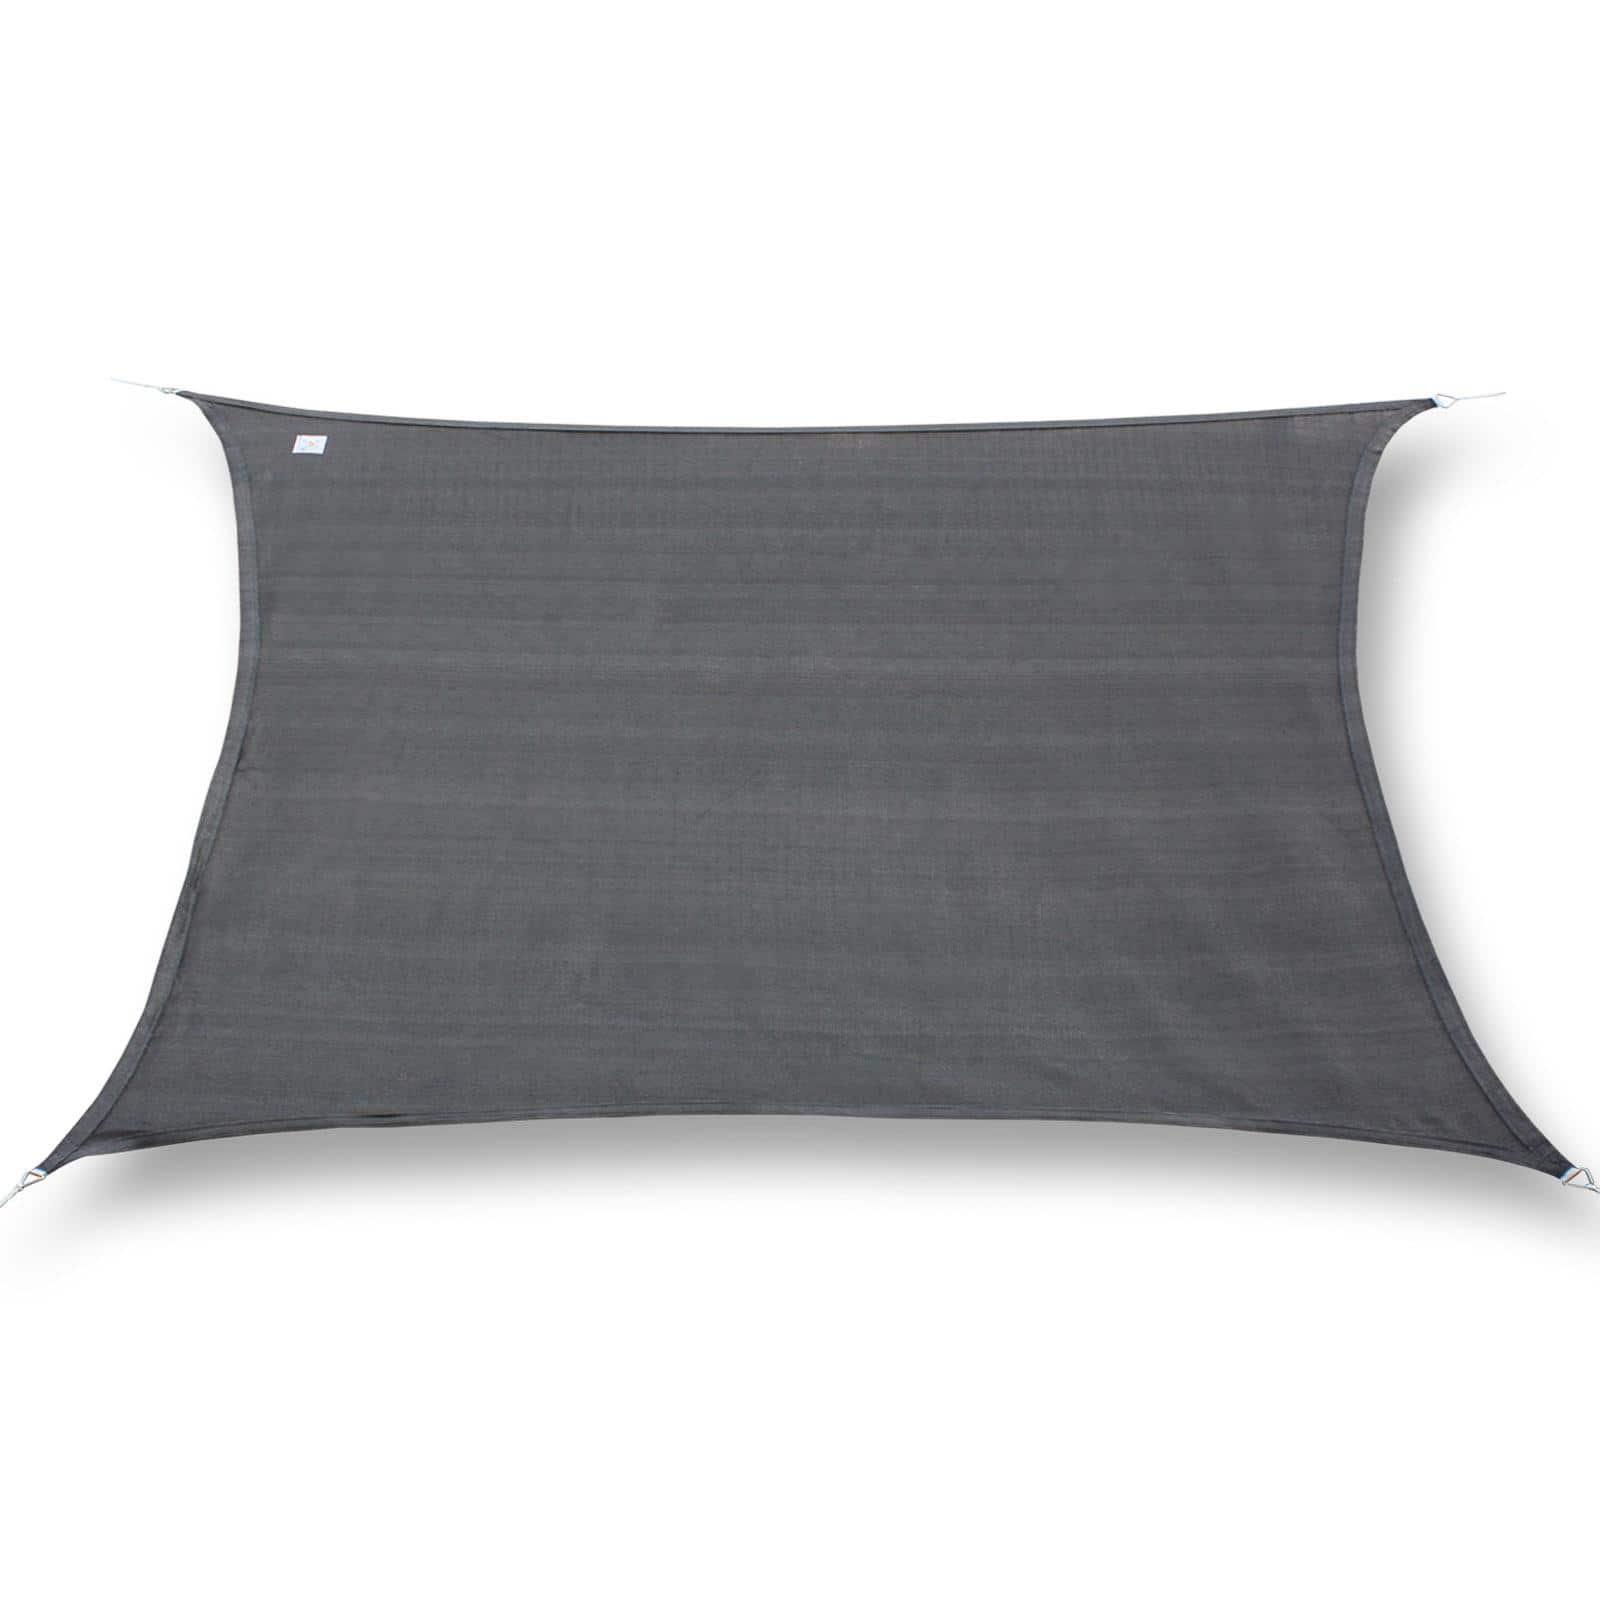 hanSe® Schaduwdoek Rechthoek Waterdicht 2x3 m - zonnedoek - Grijs